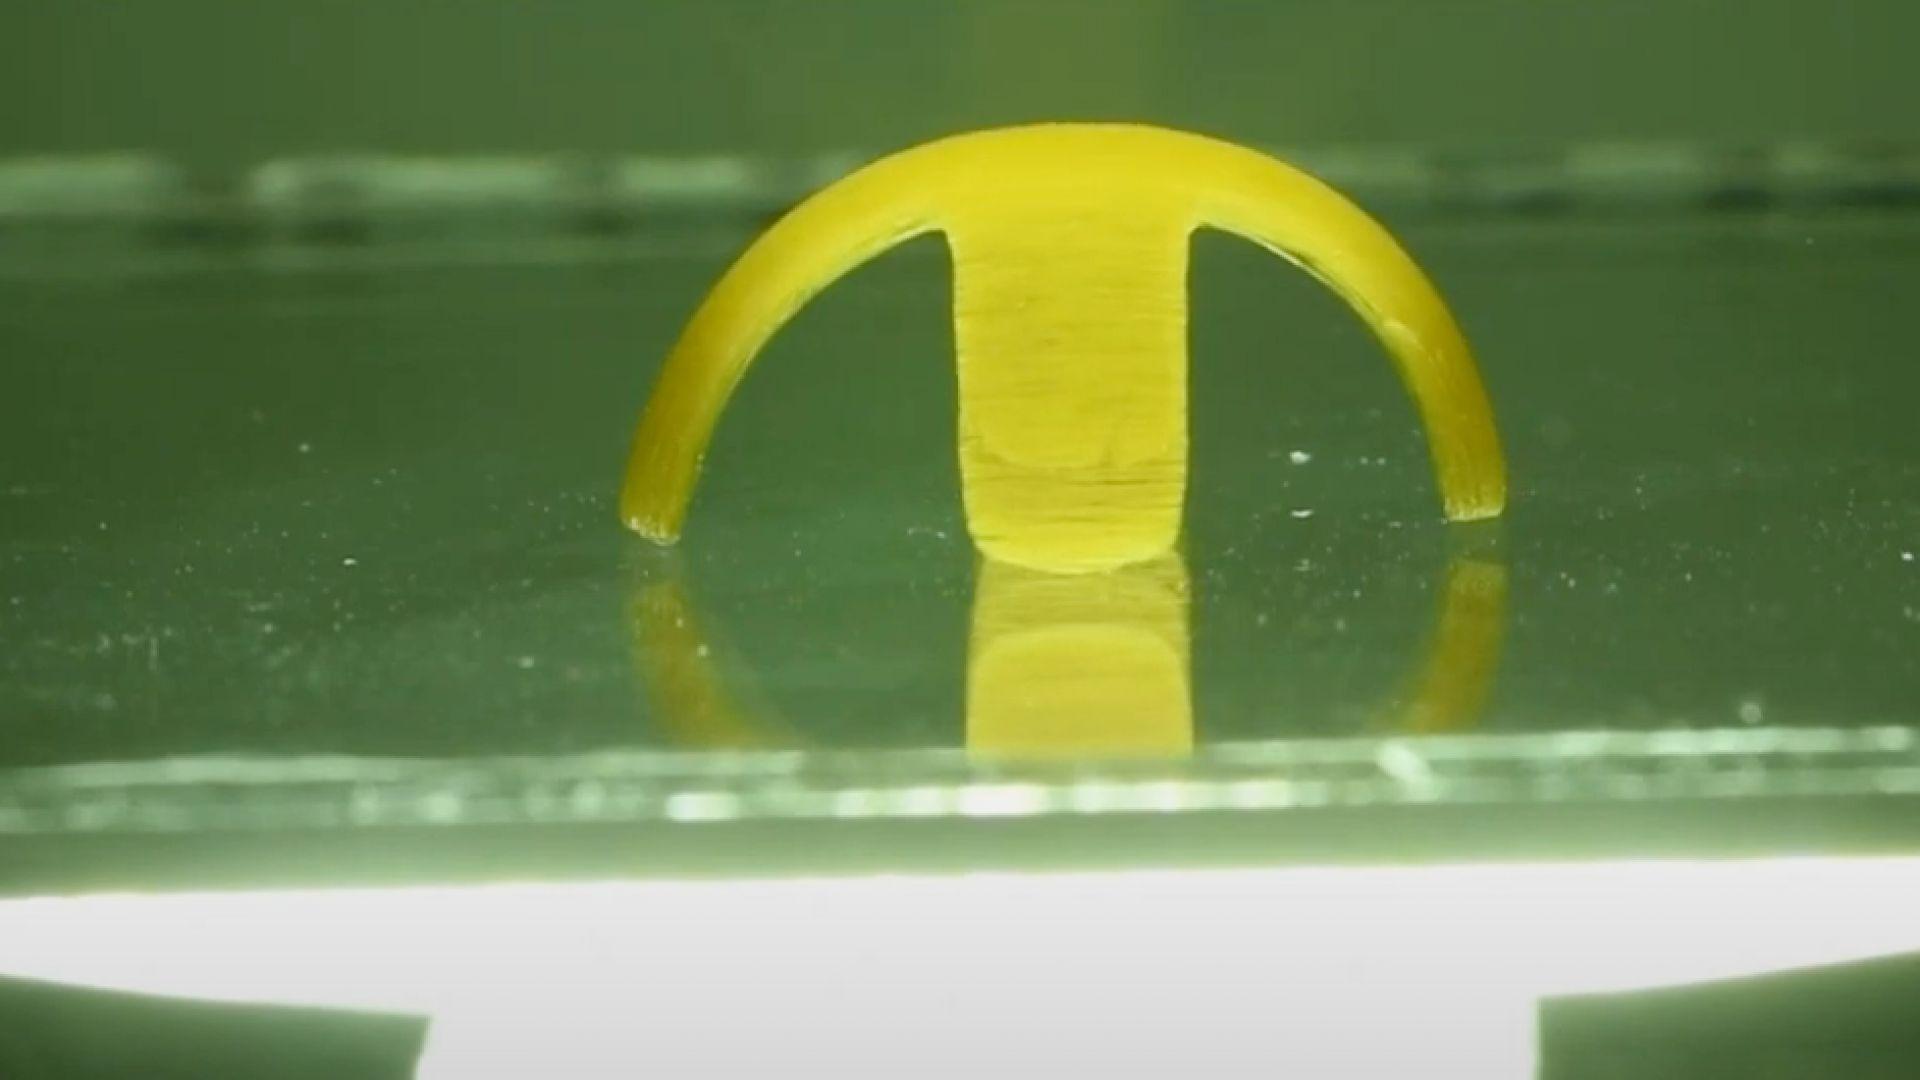 Робот се движи чрез магнитни полета (видео)